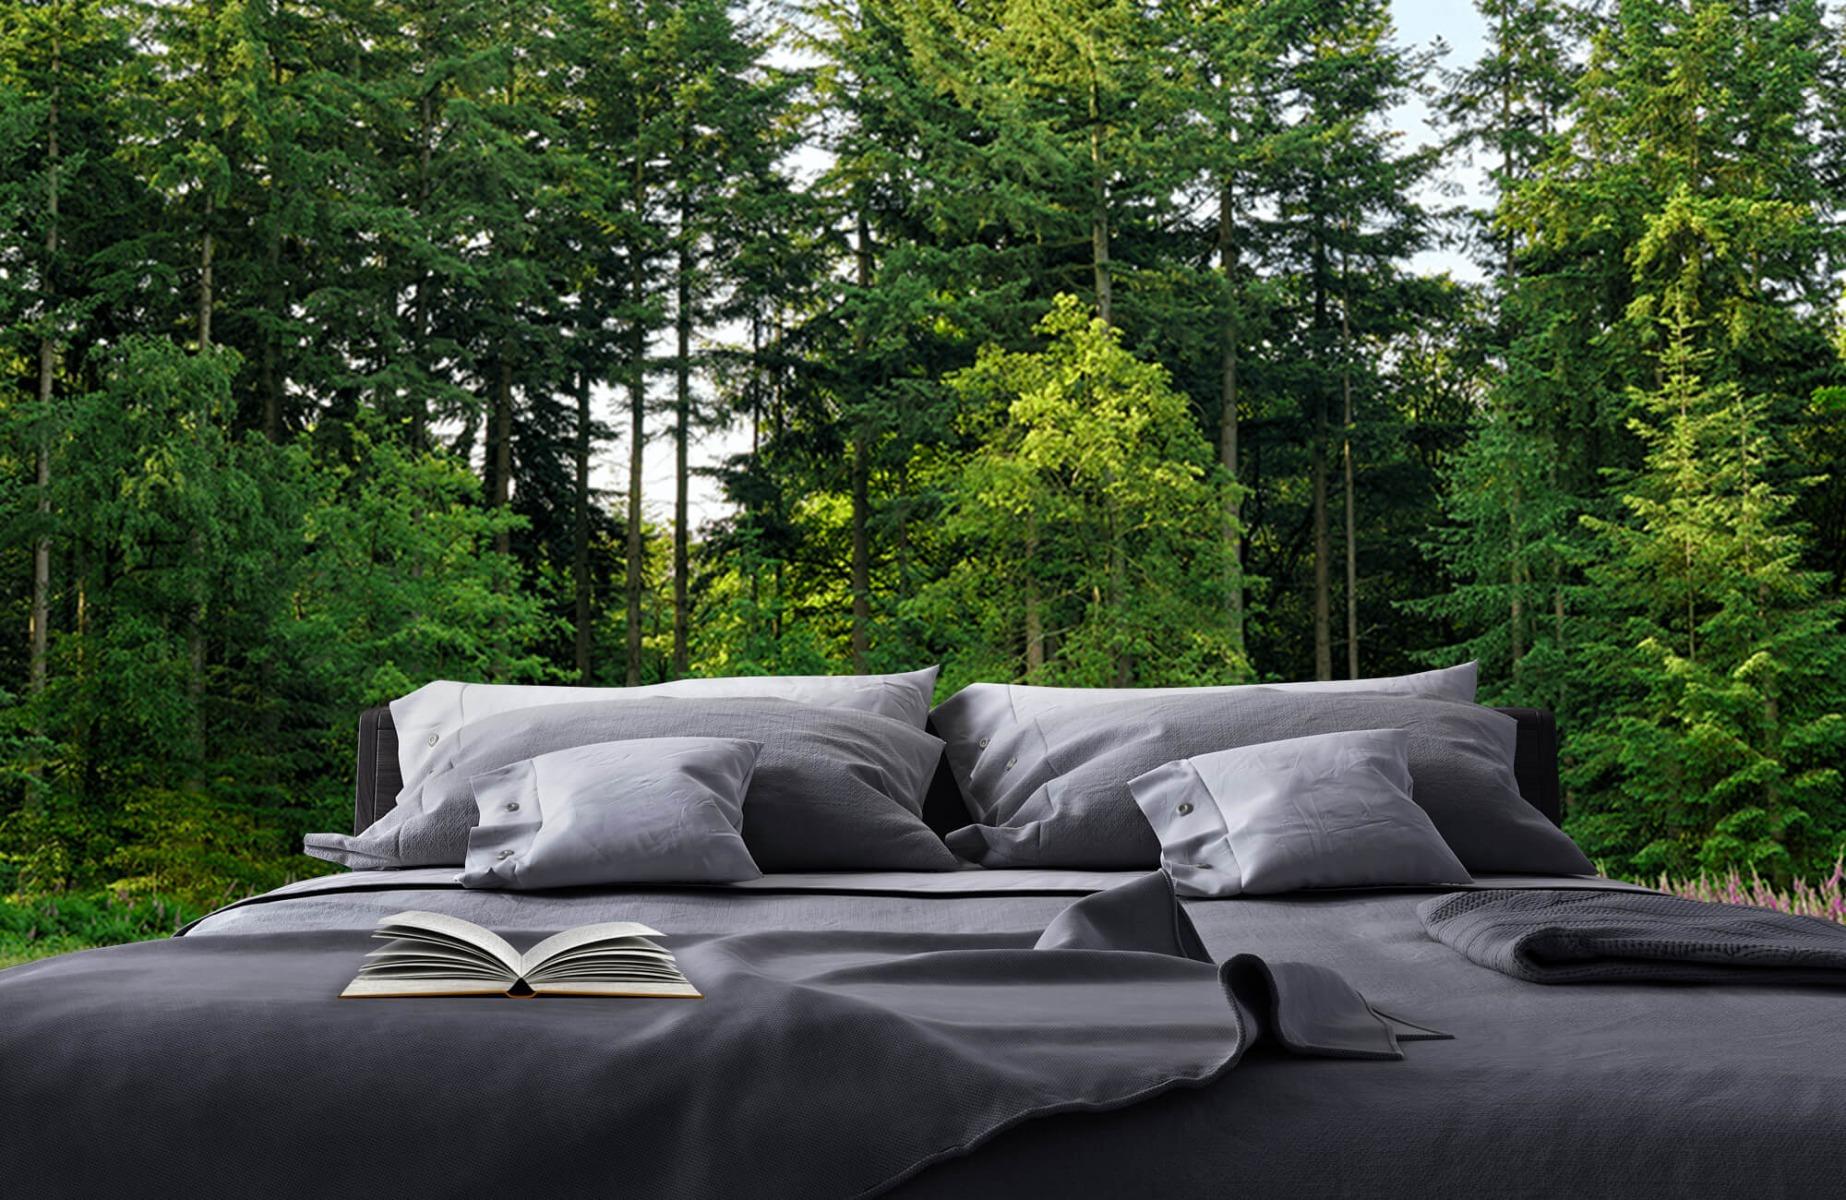 Bos behang - Open plek in het bos - Wallexclusive - Slaapkamer 18